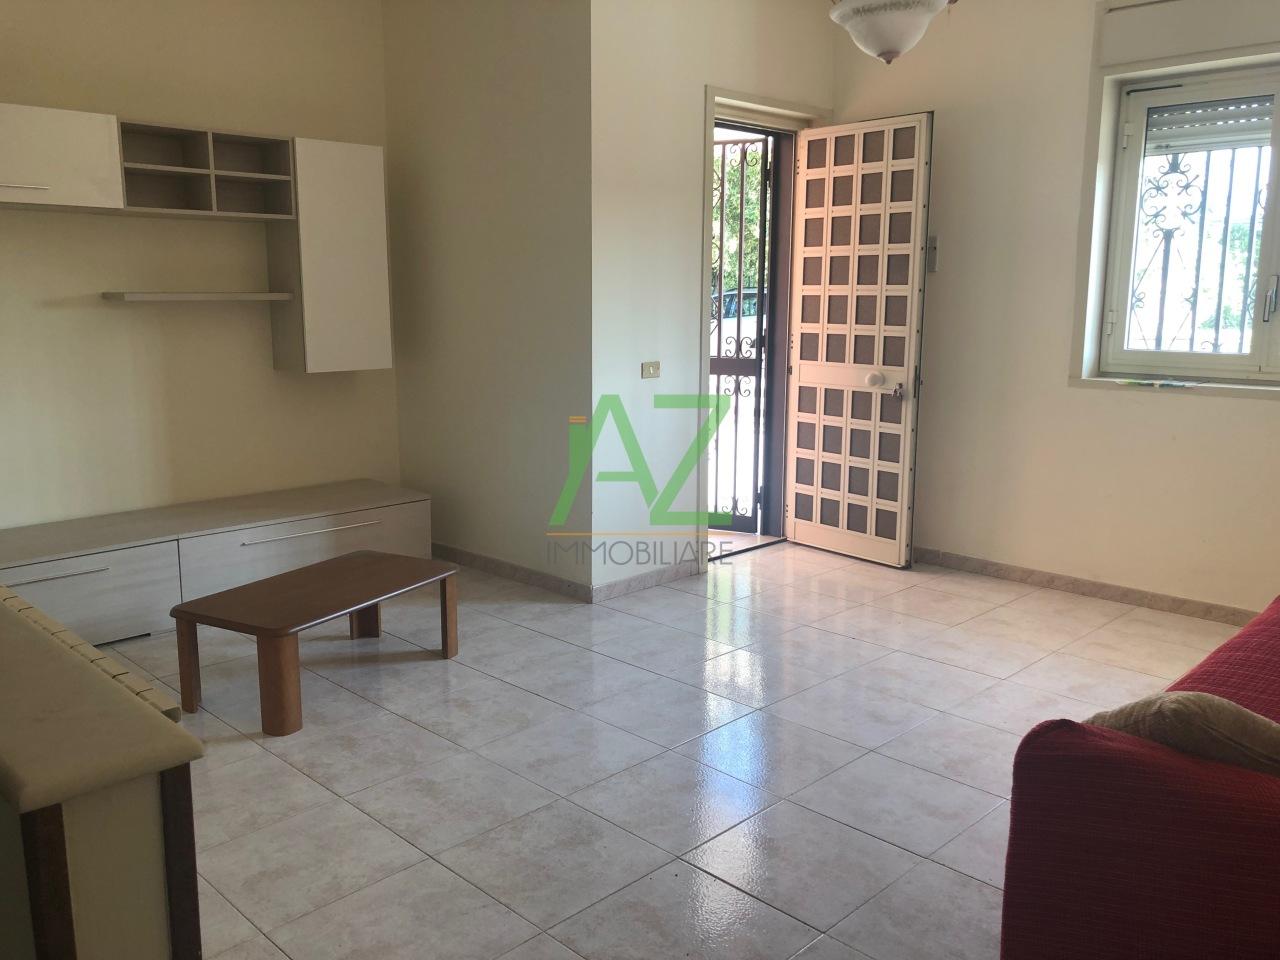 Appartamento in buone condizioni arredato in affitto Rif. 11002990